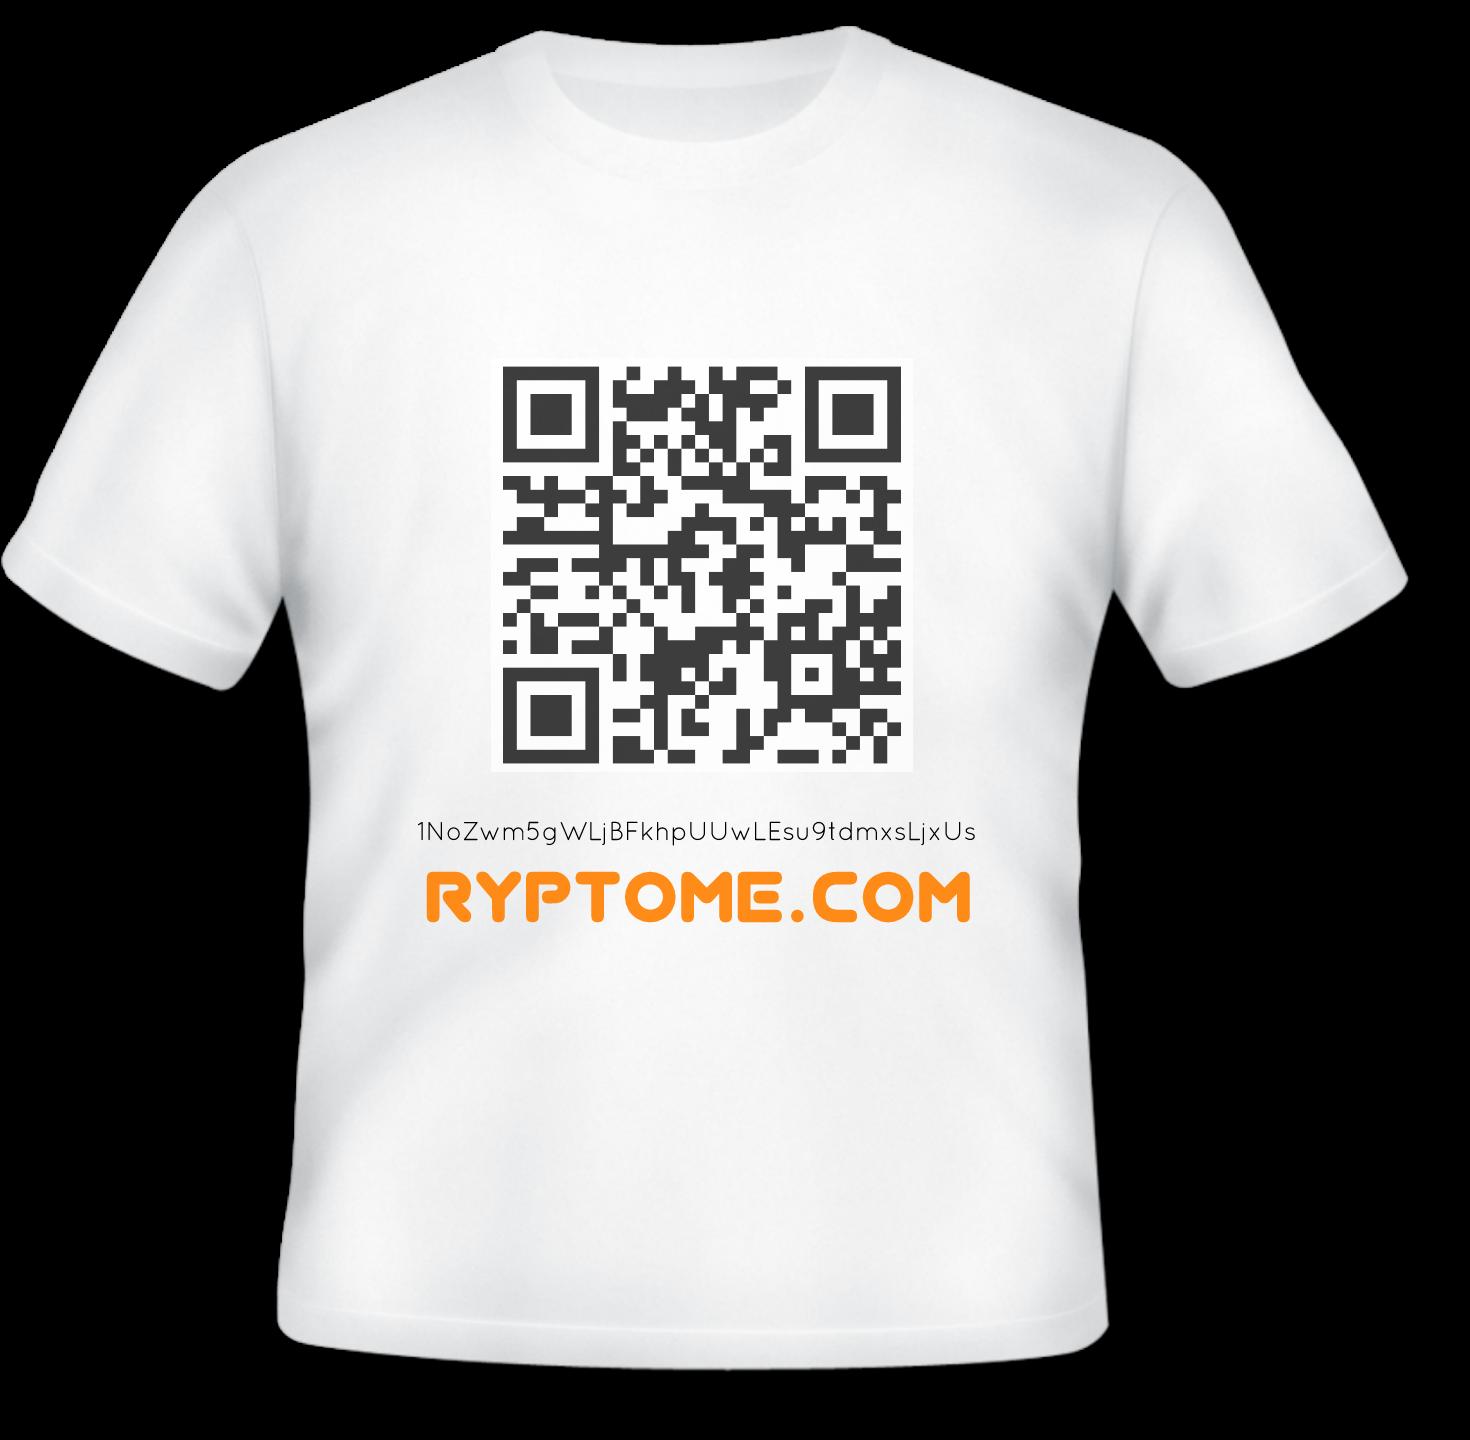 RYPTOME.COM